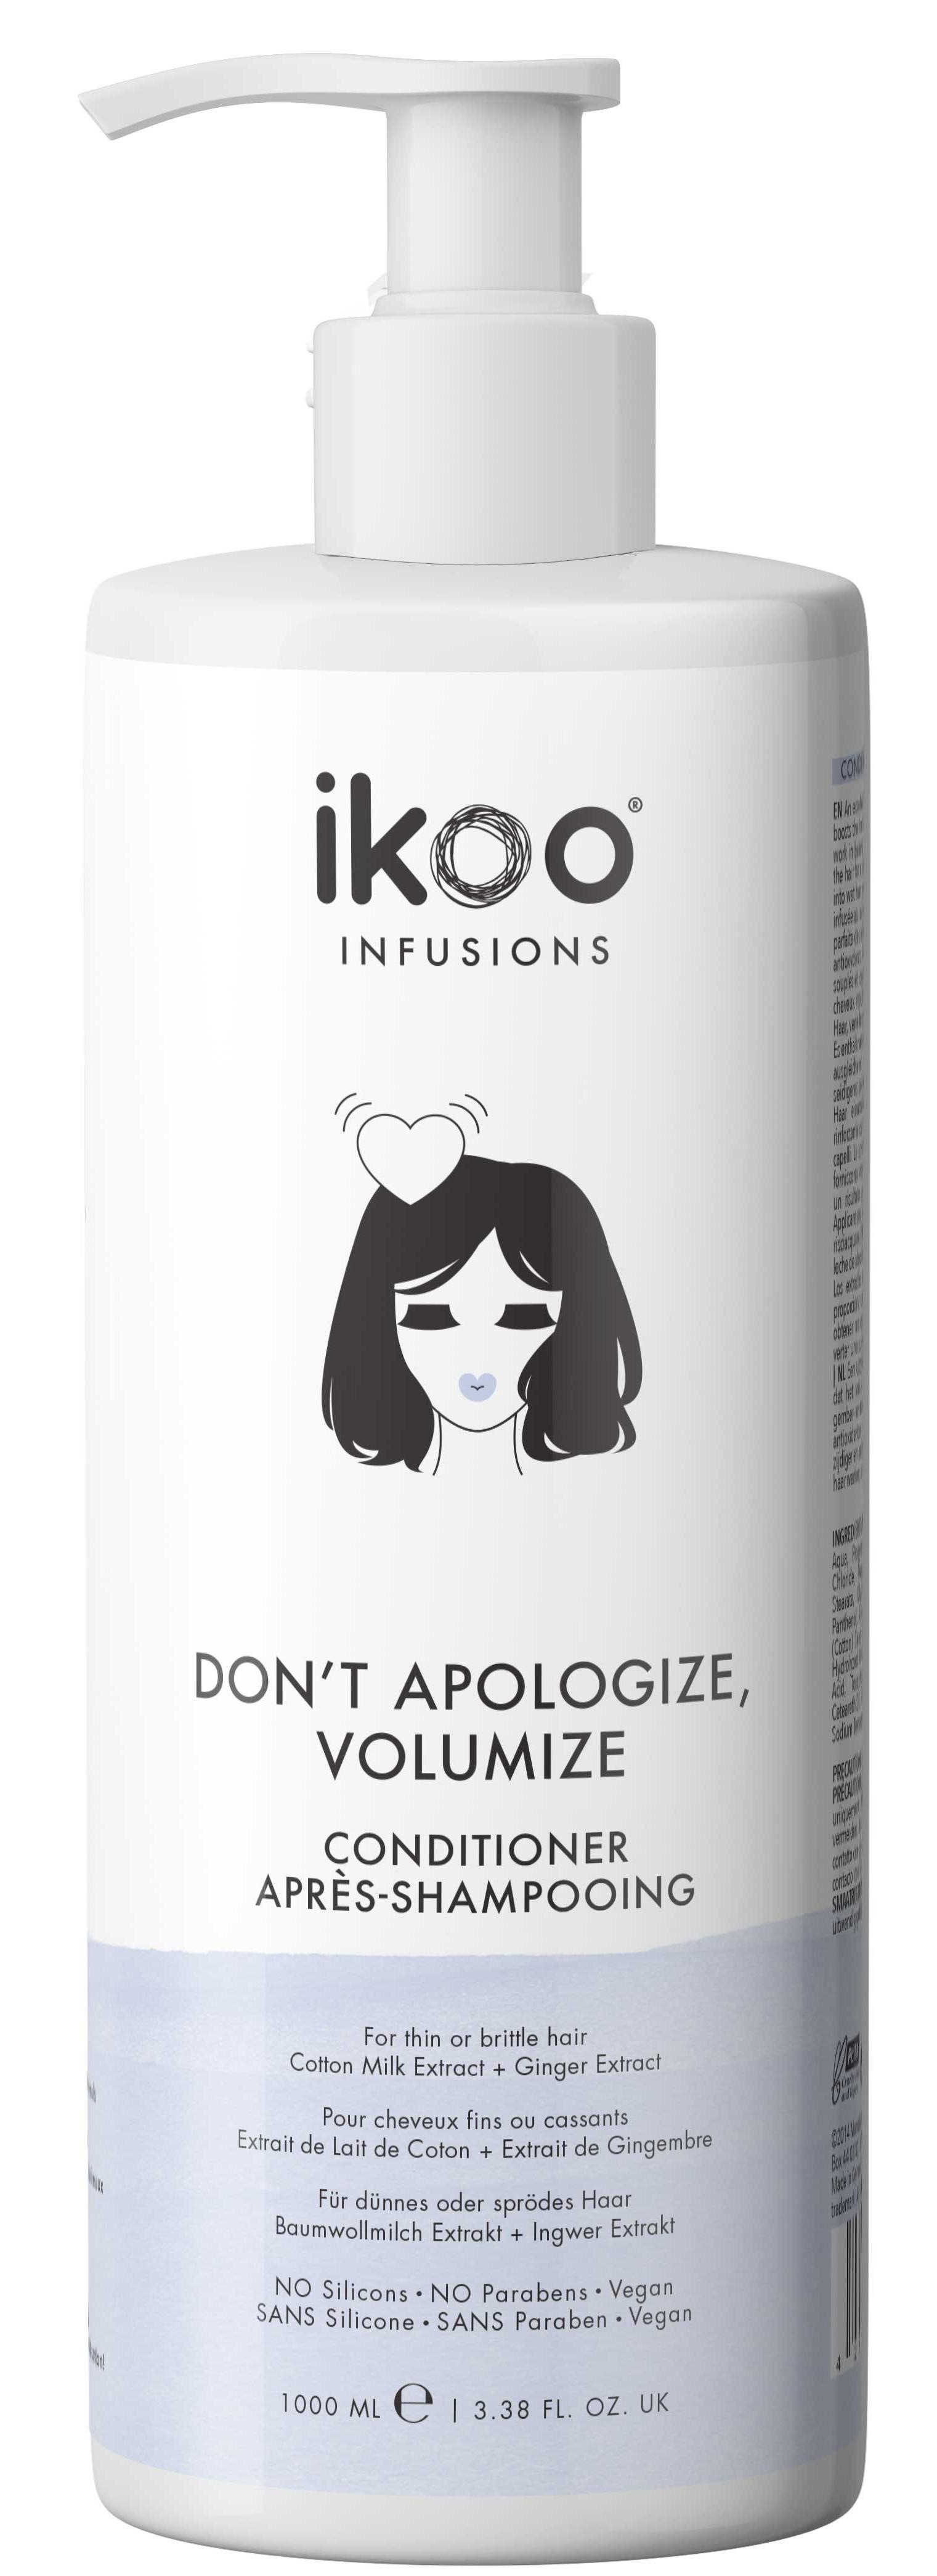 Купить IKOO Кондиционер для волос Непростительный объем / Conditioner Don't Apologize, Volumize 1000 мл